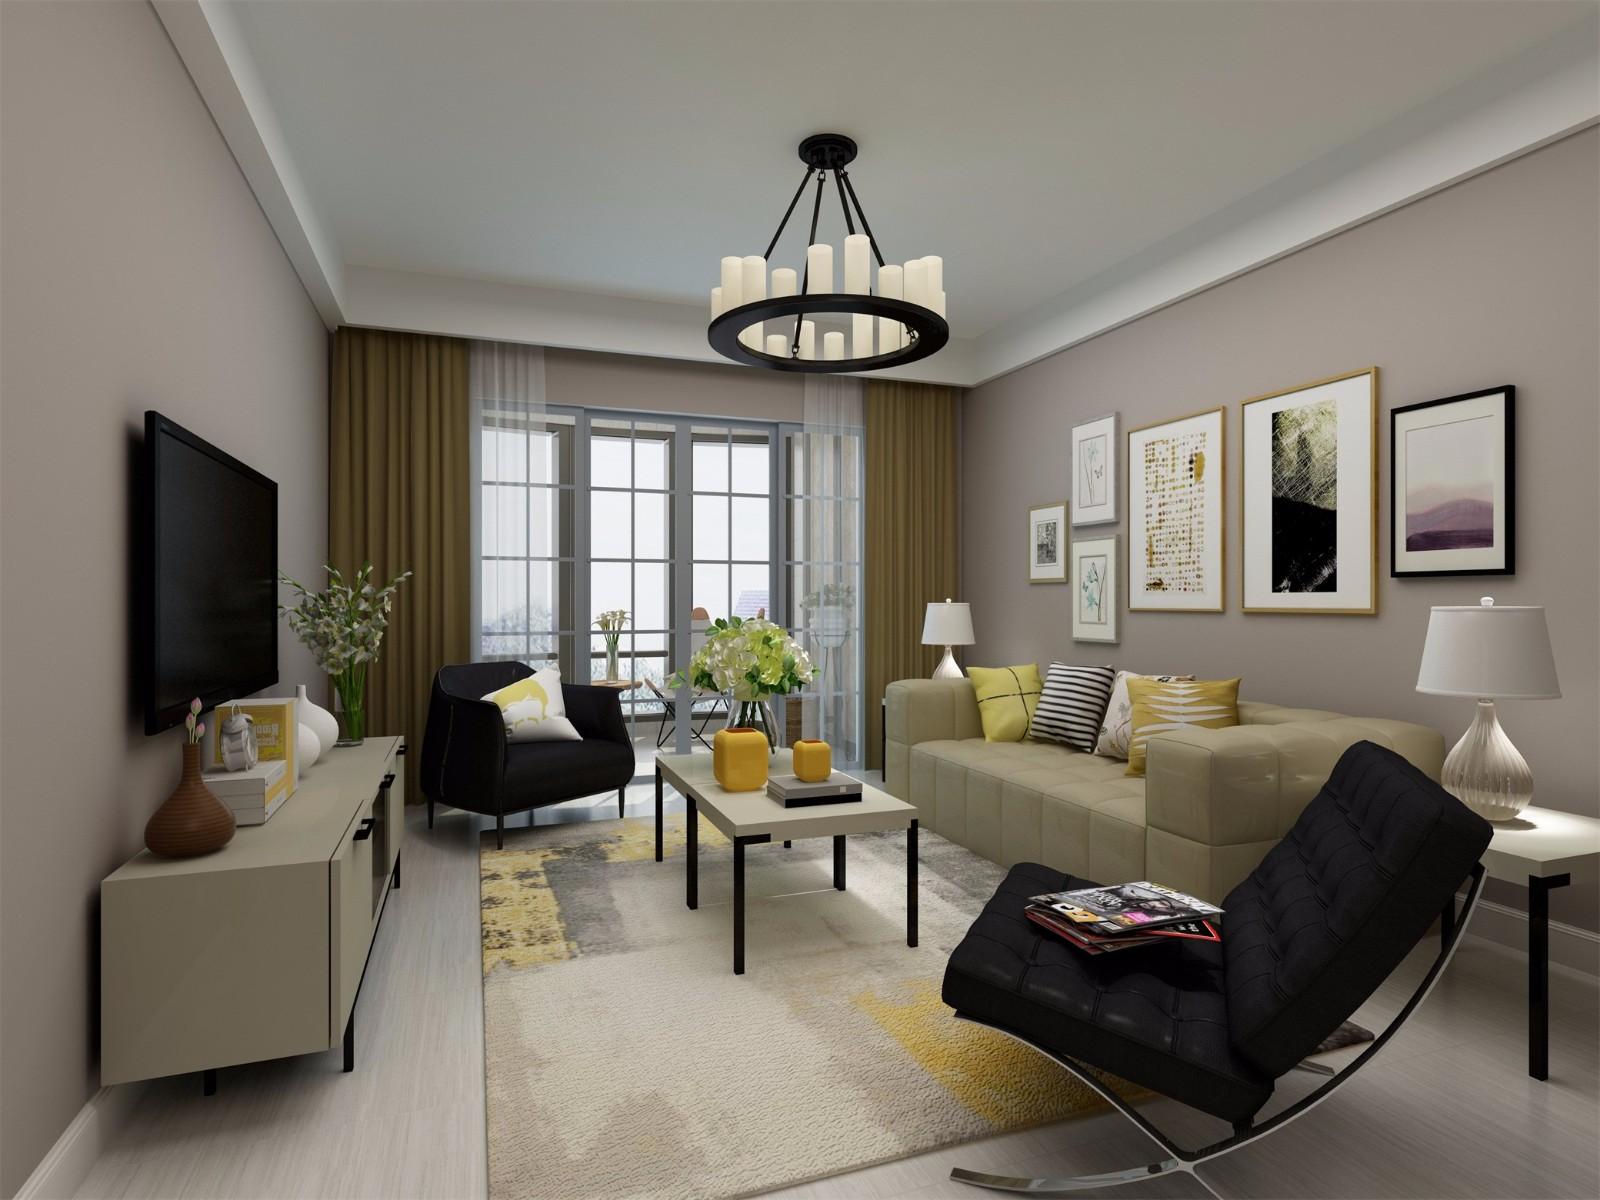 3室1卫2厅85平米现代简约风格